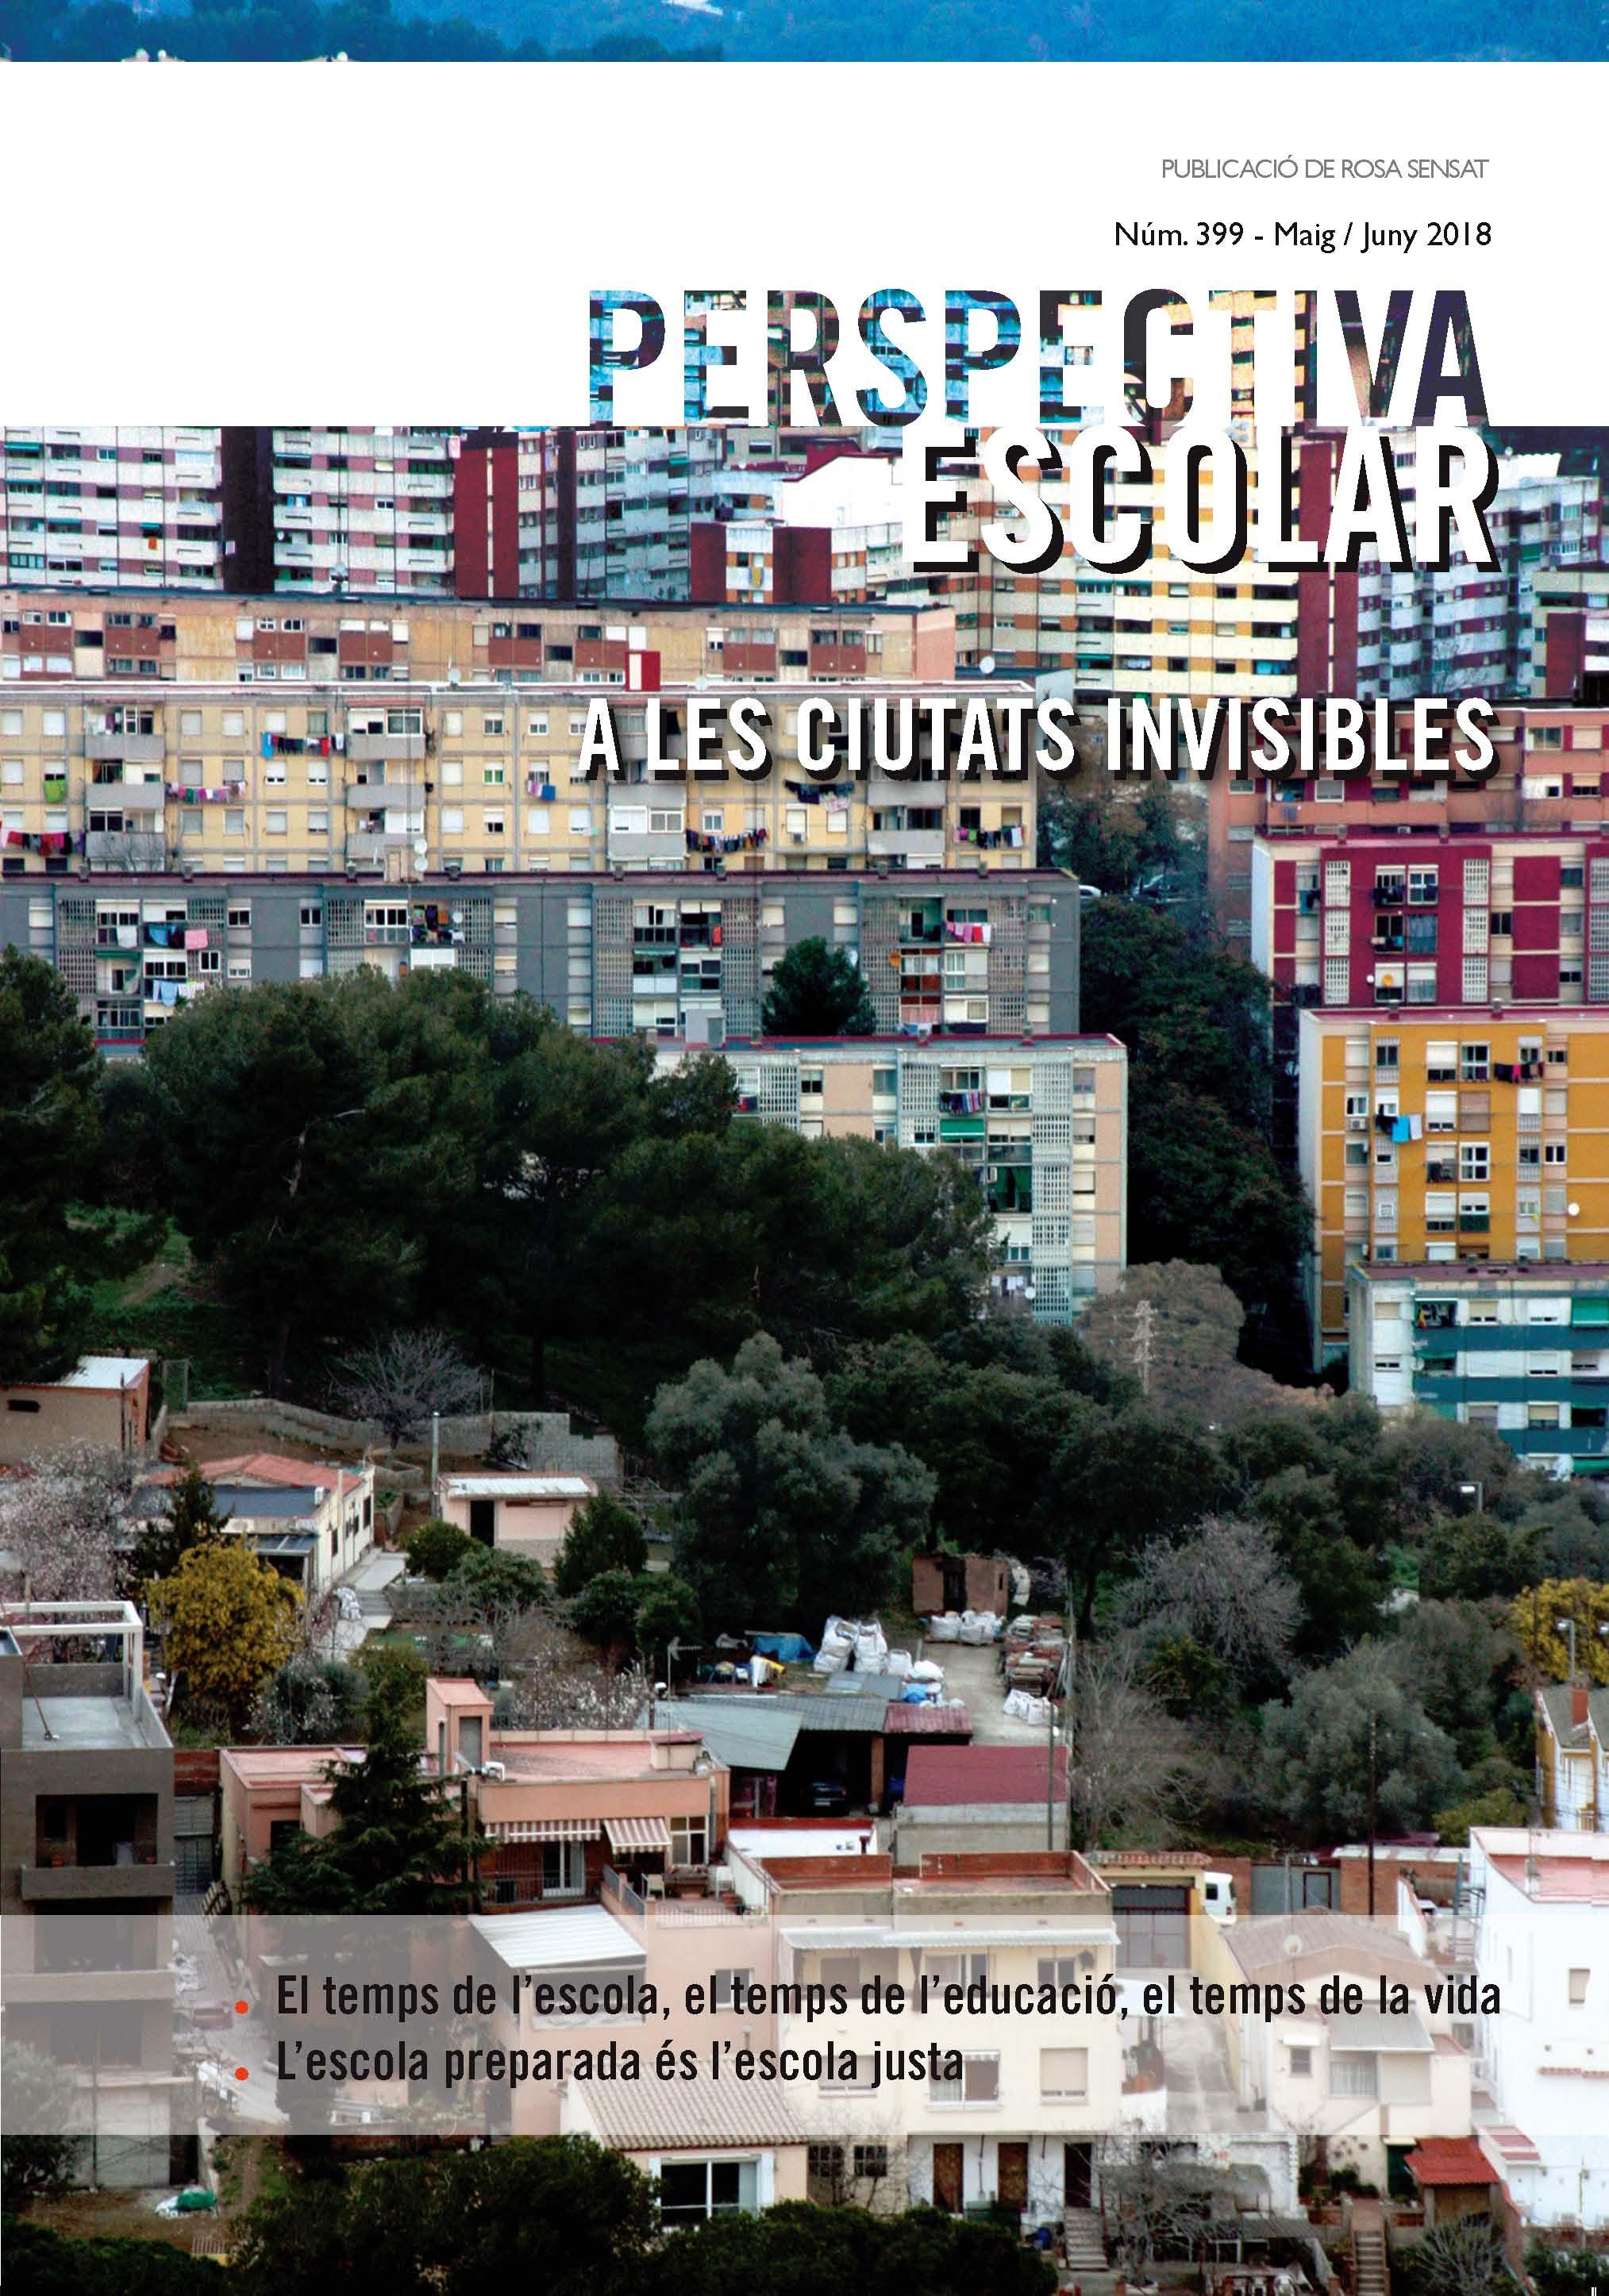 A les ciutats invisibles. Núm. 399